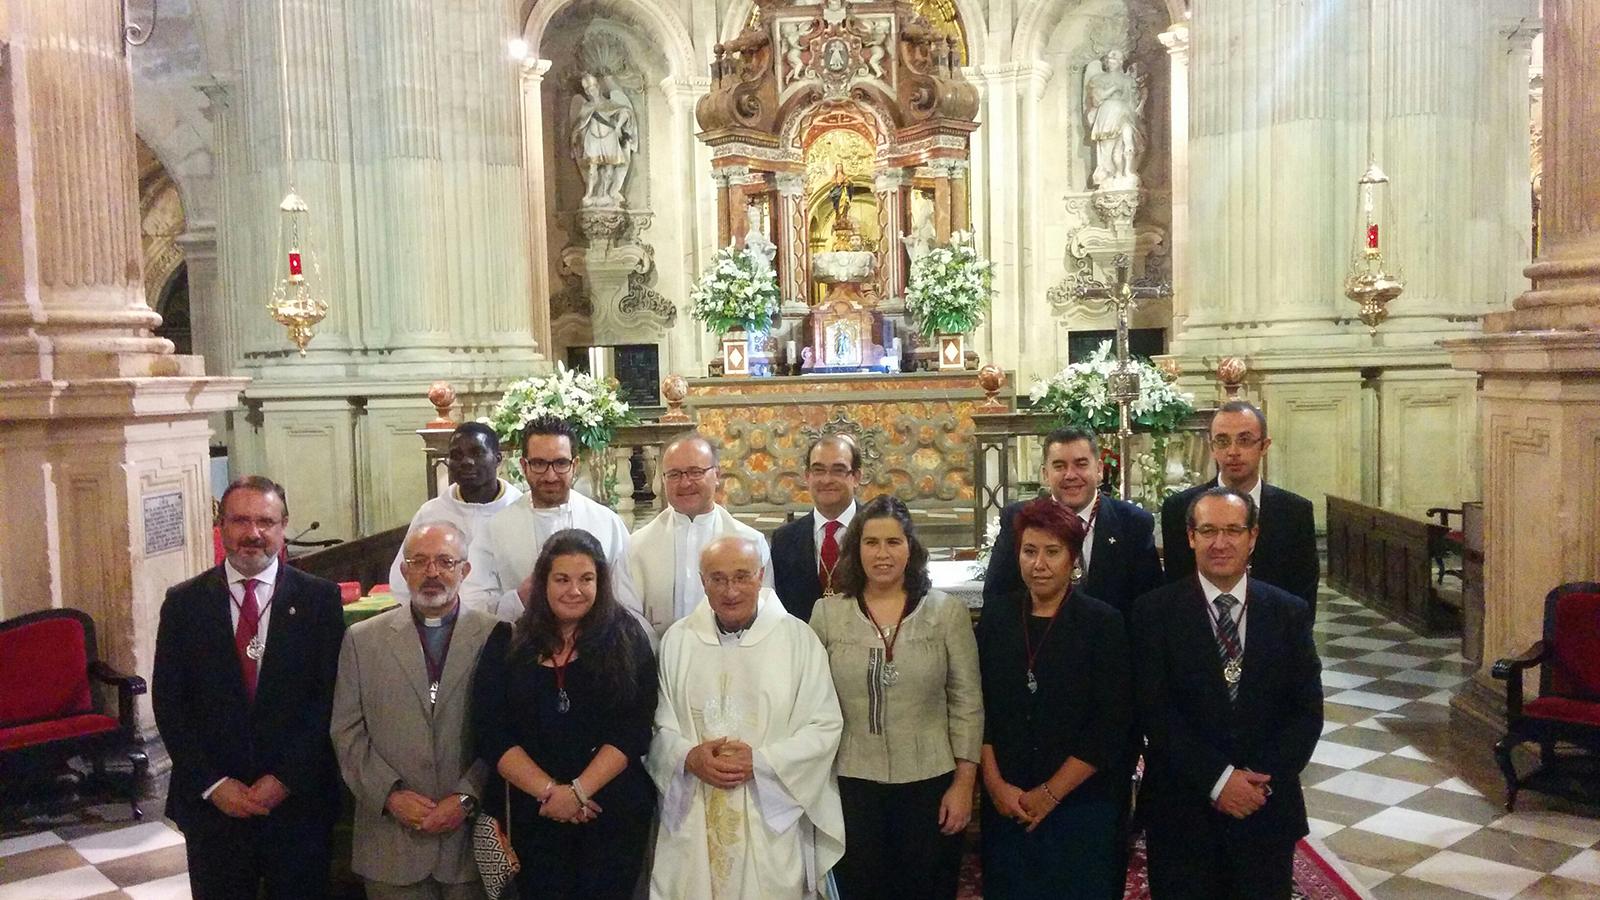 Fray Francisco recibió la medalla de la Federación de Hermandades y Cofradías